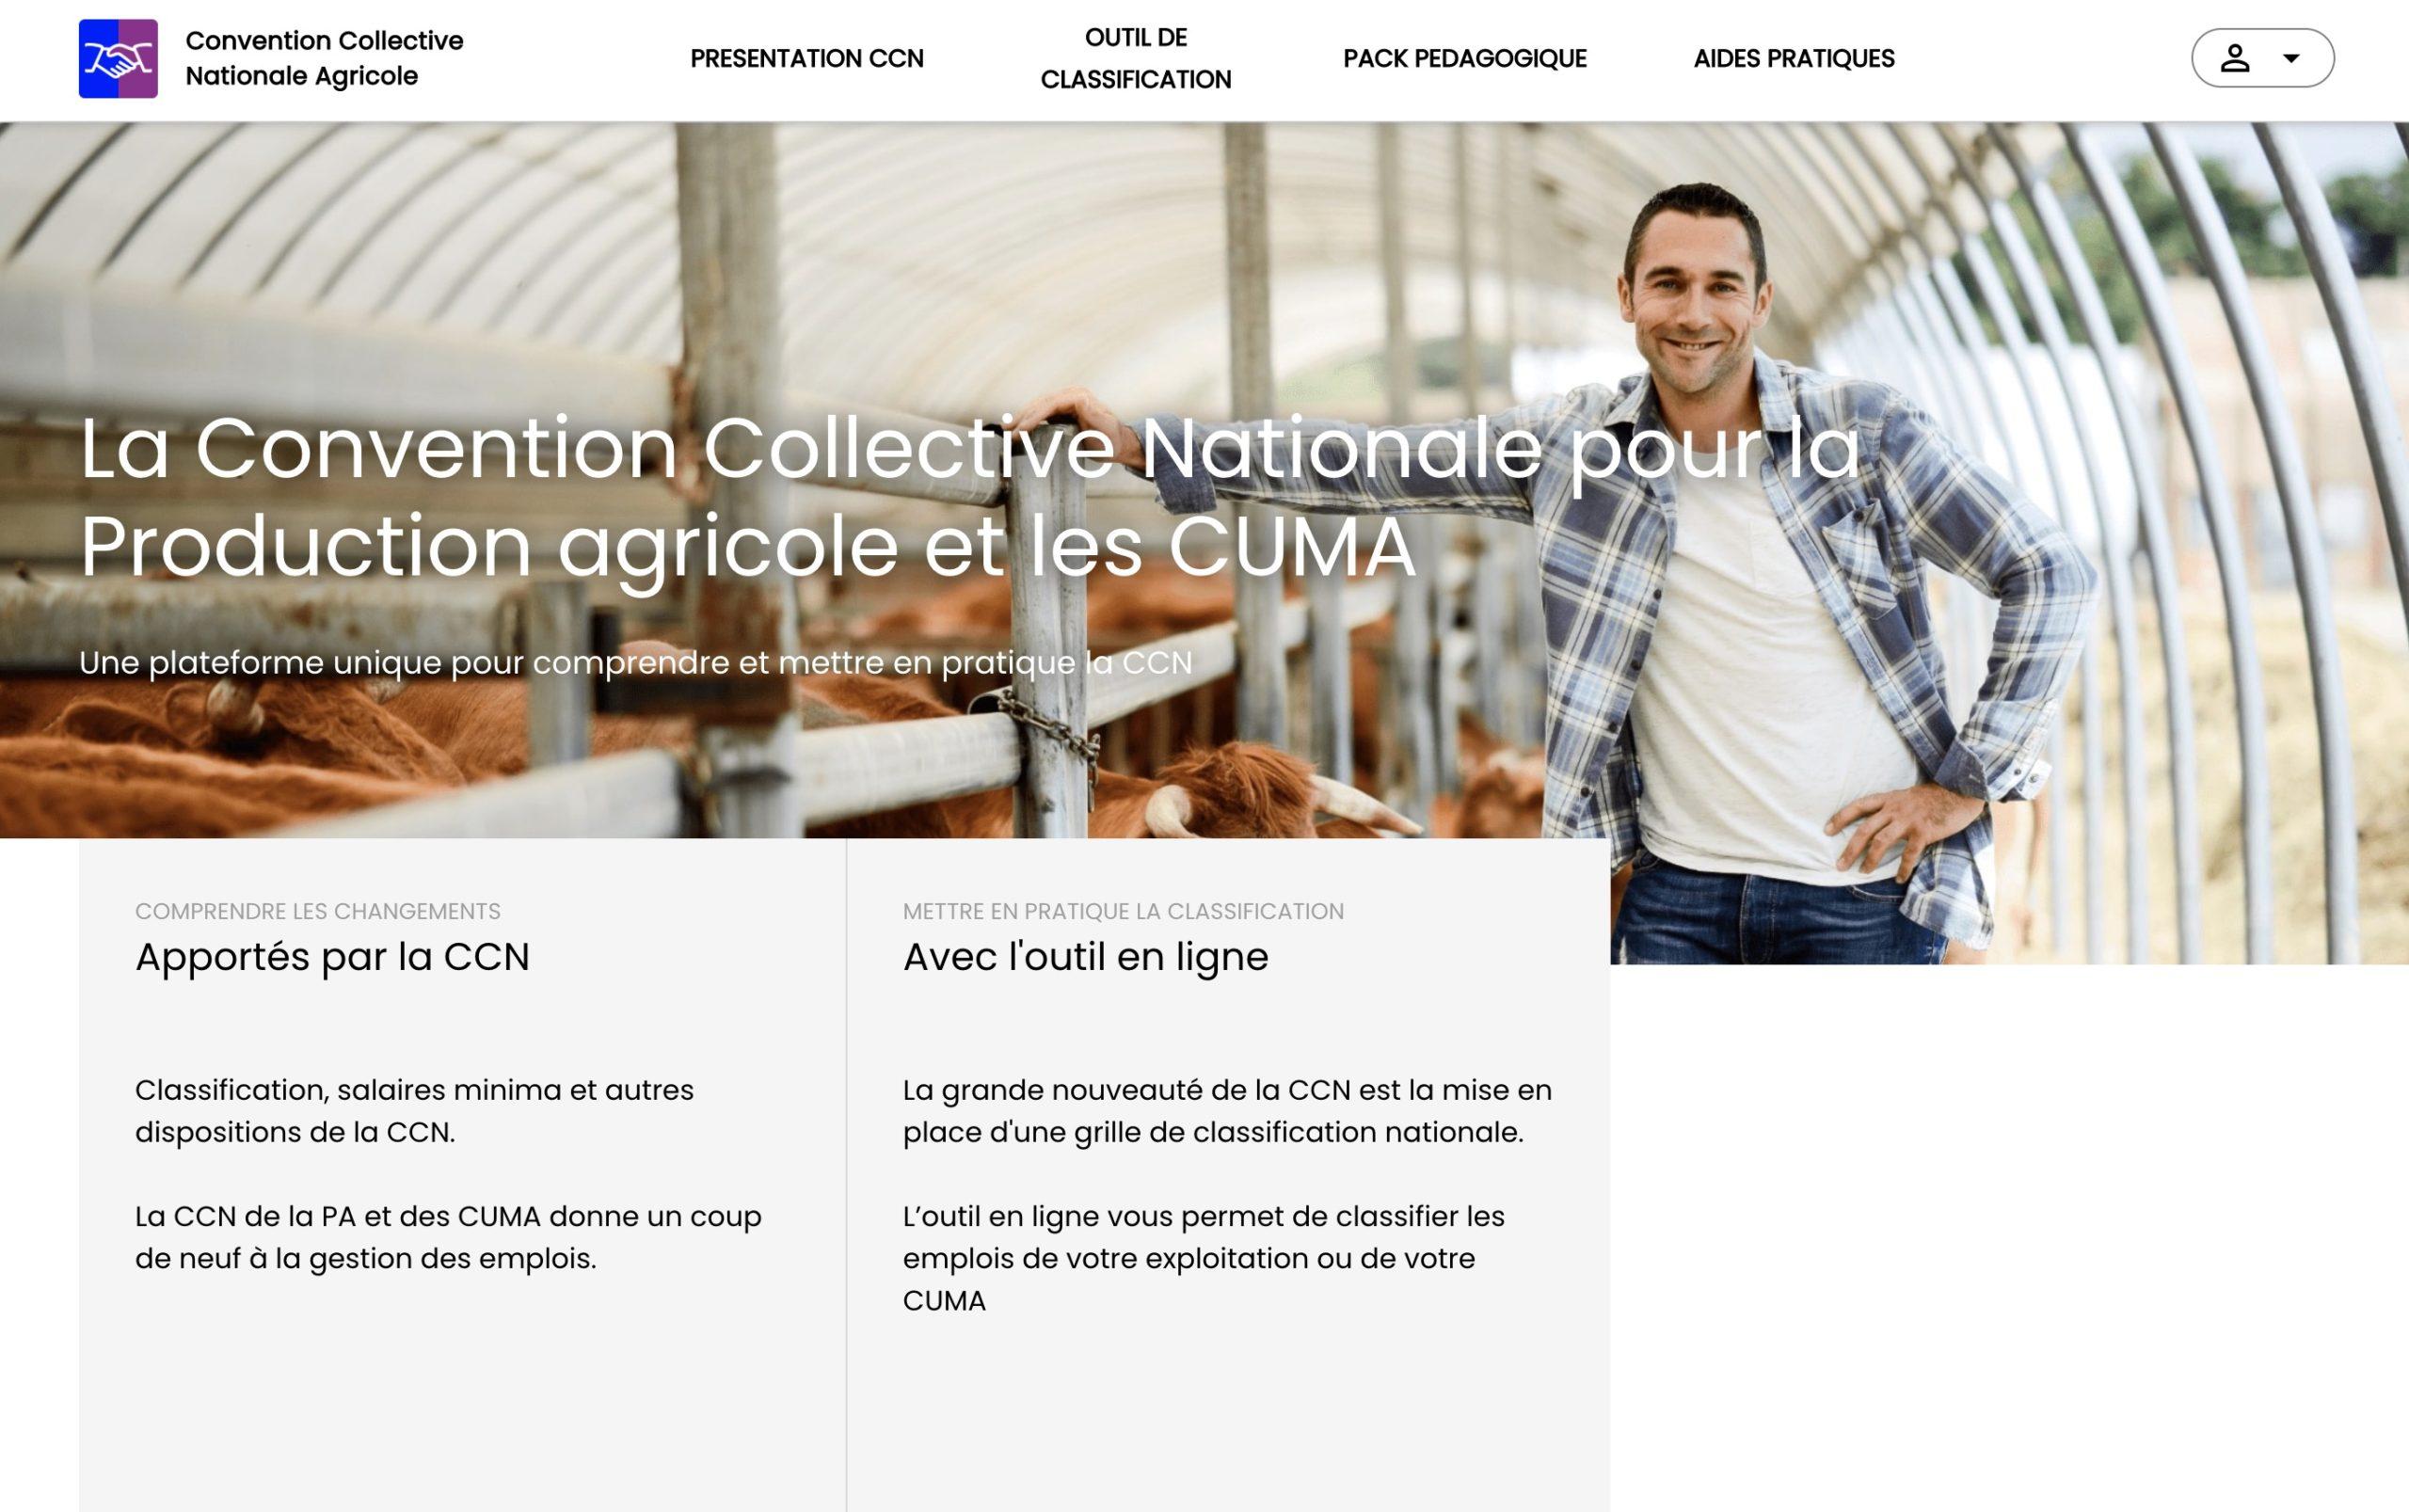 Convention collective nationale de la production agricole et des CUMA : un site du réseau FNSEA pour accompagner les employeurs